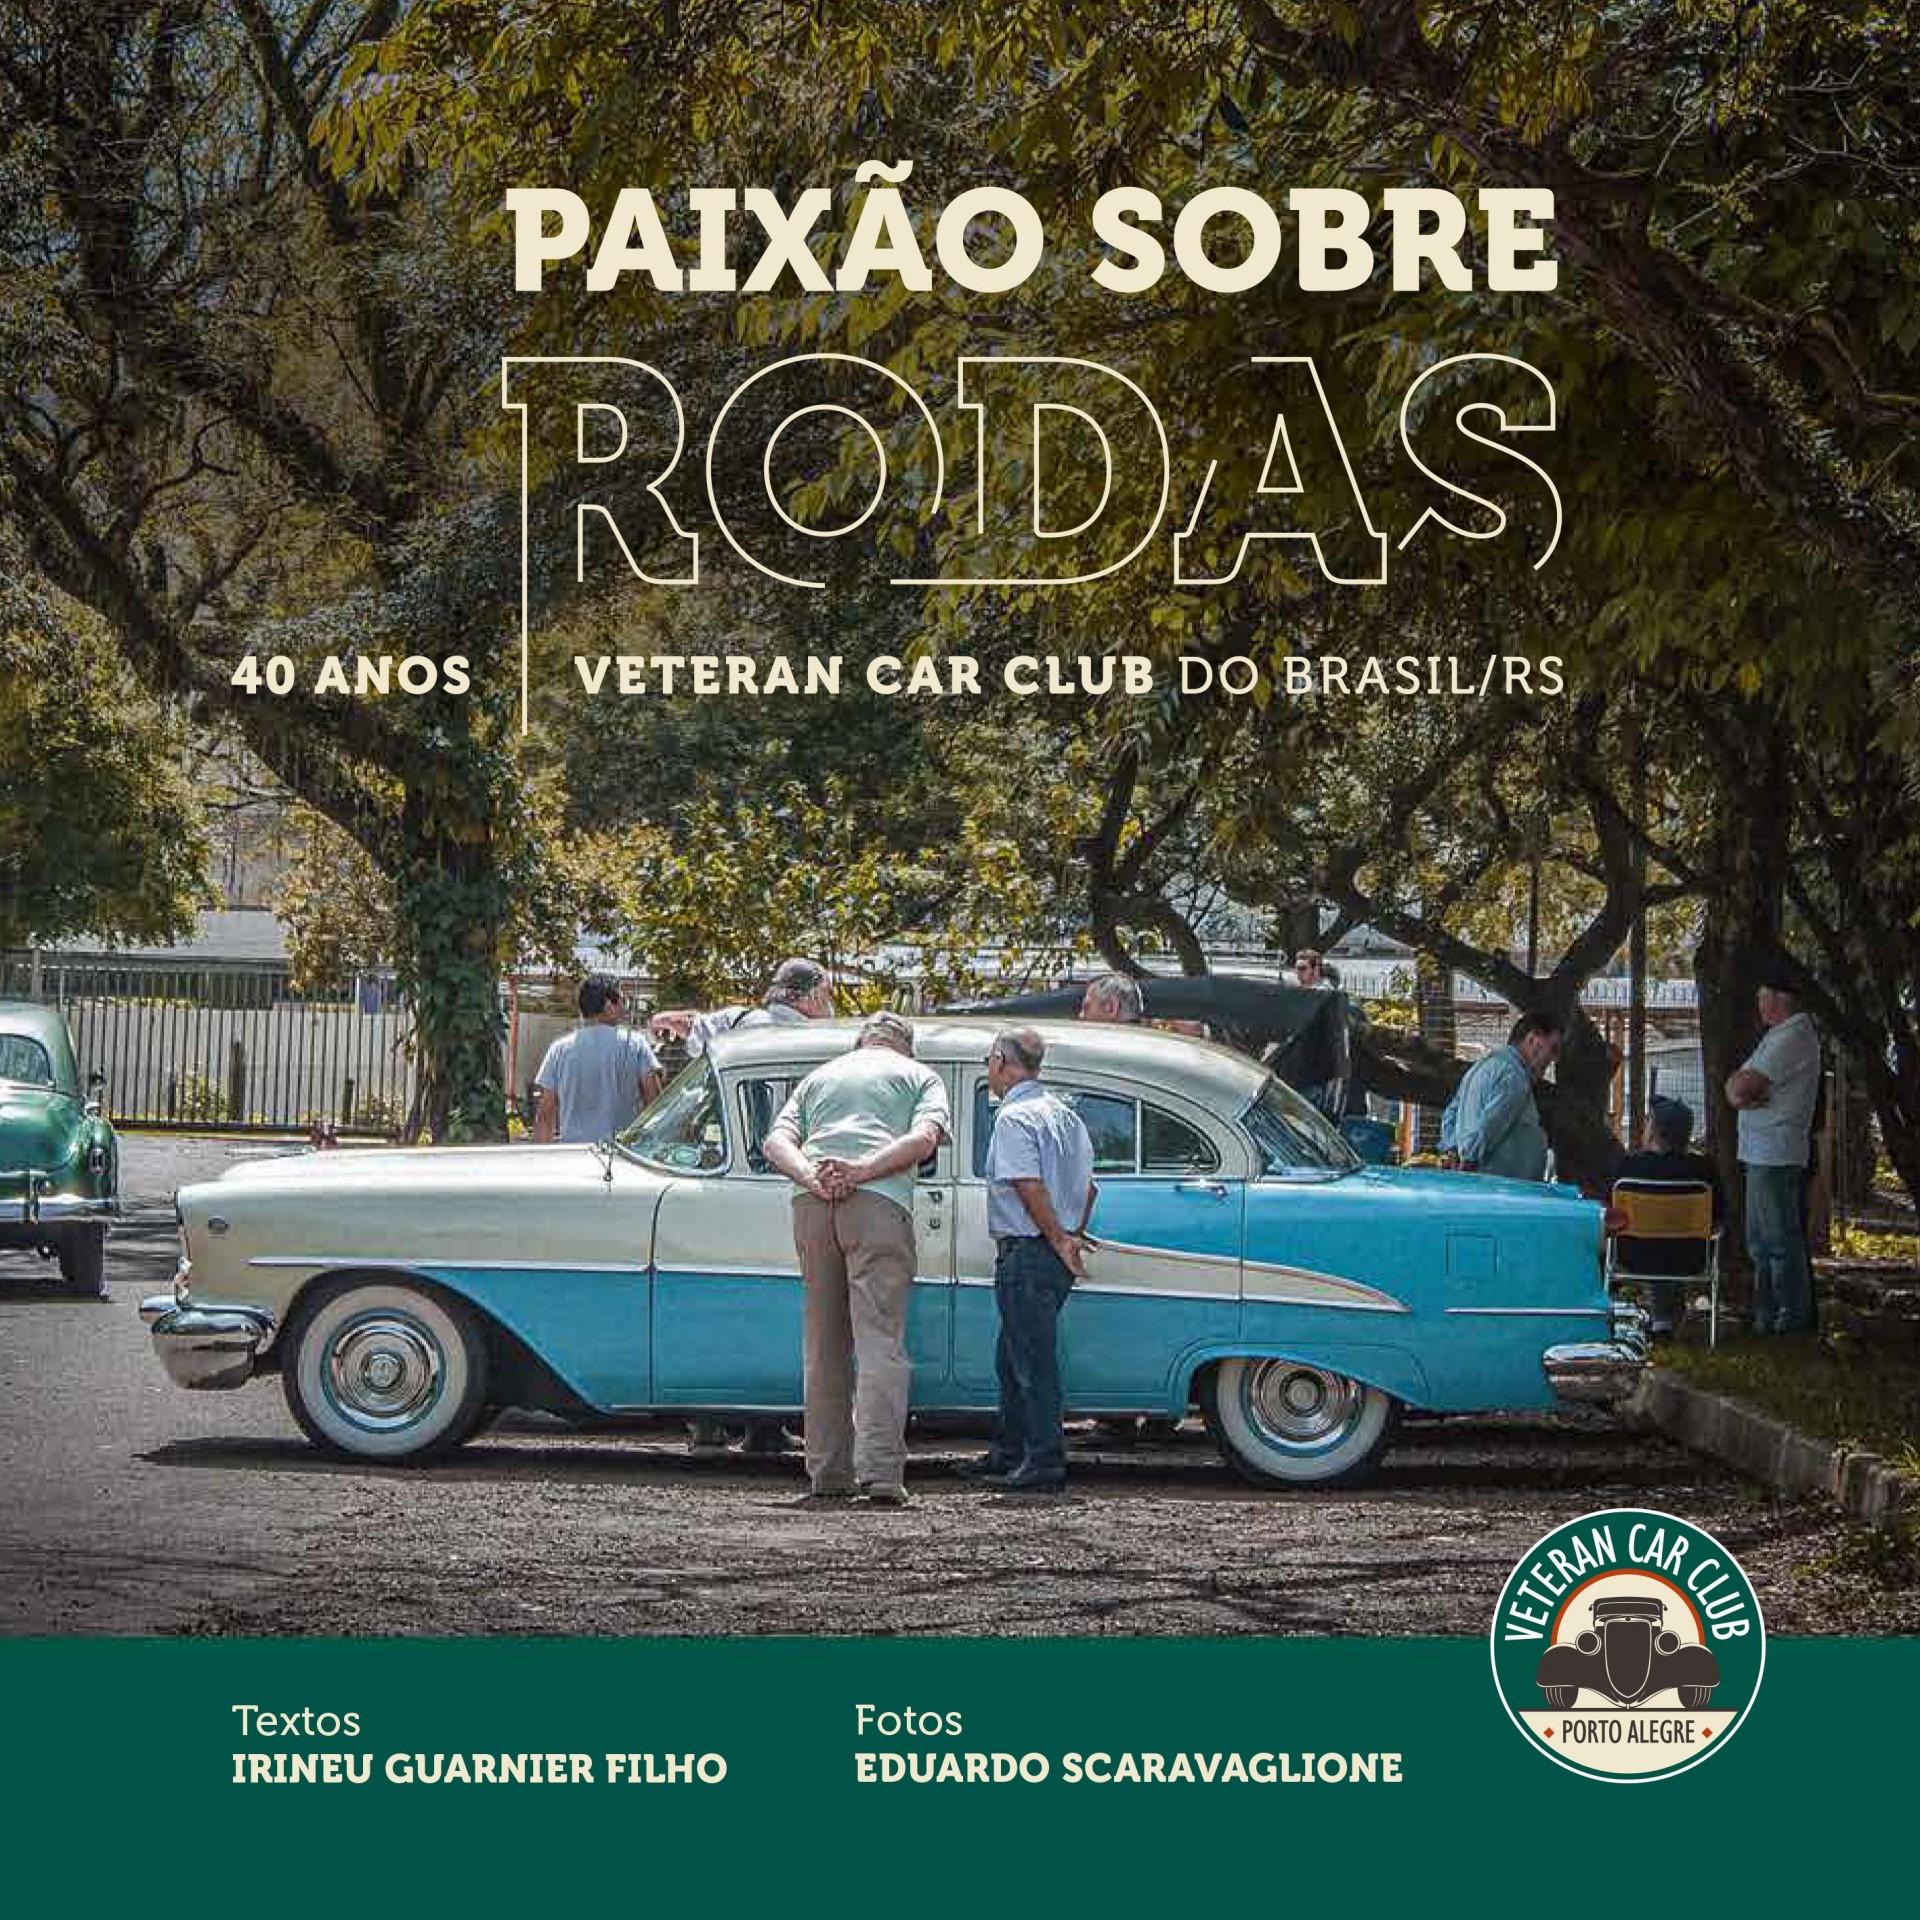 Paixão sobre rodas: 40 anos Veteran Car Club Brasil/RS